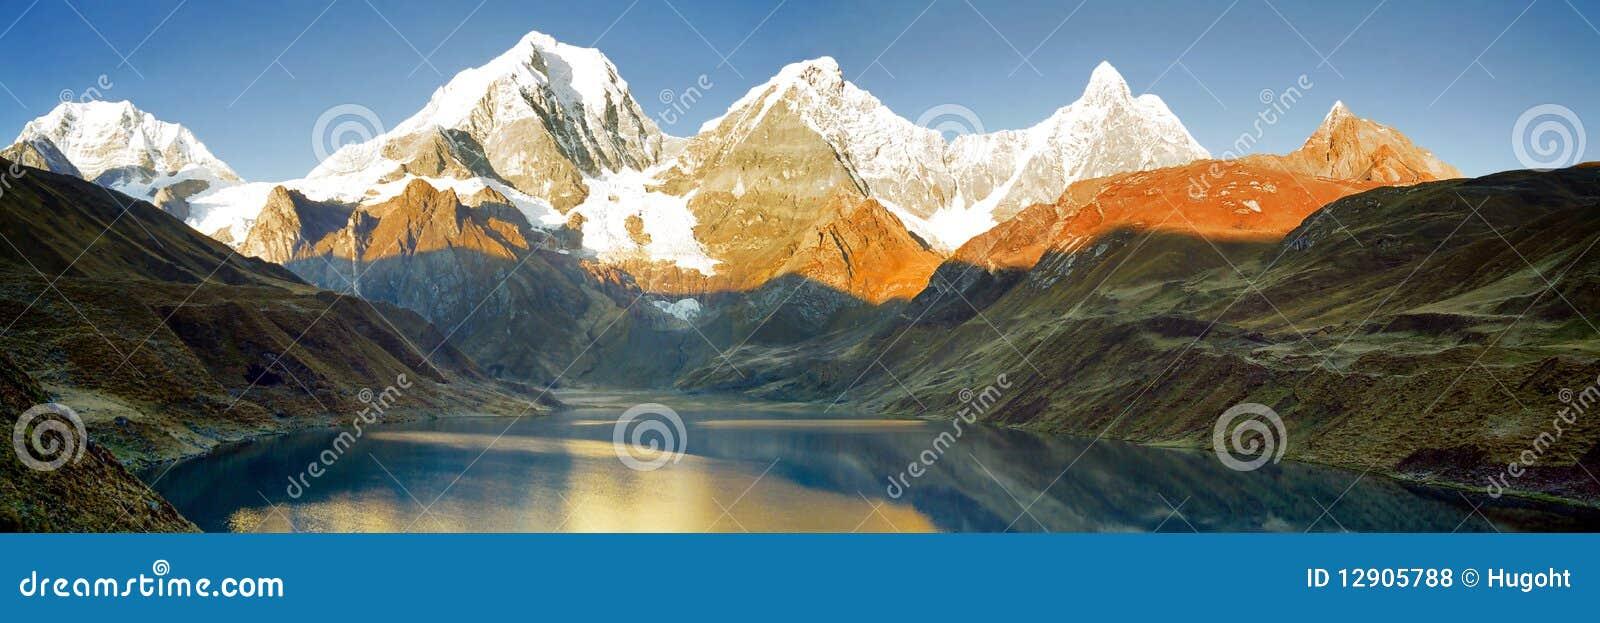 Berge, die im See am Sonnenaufgang sich reflektieren